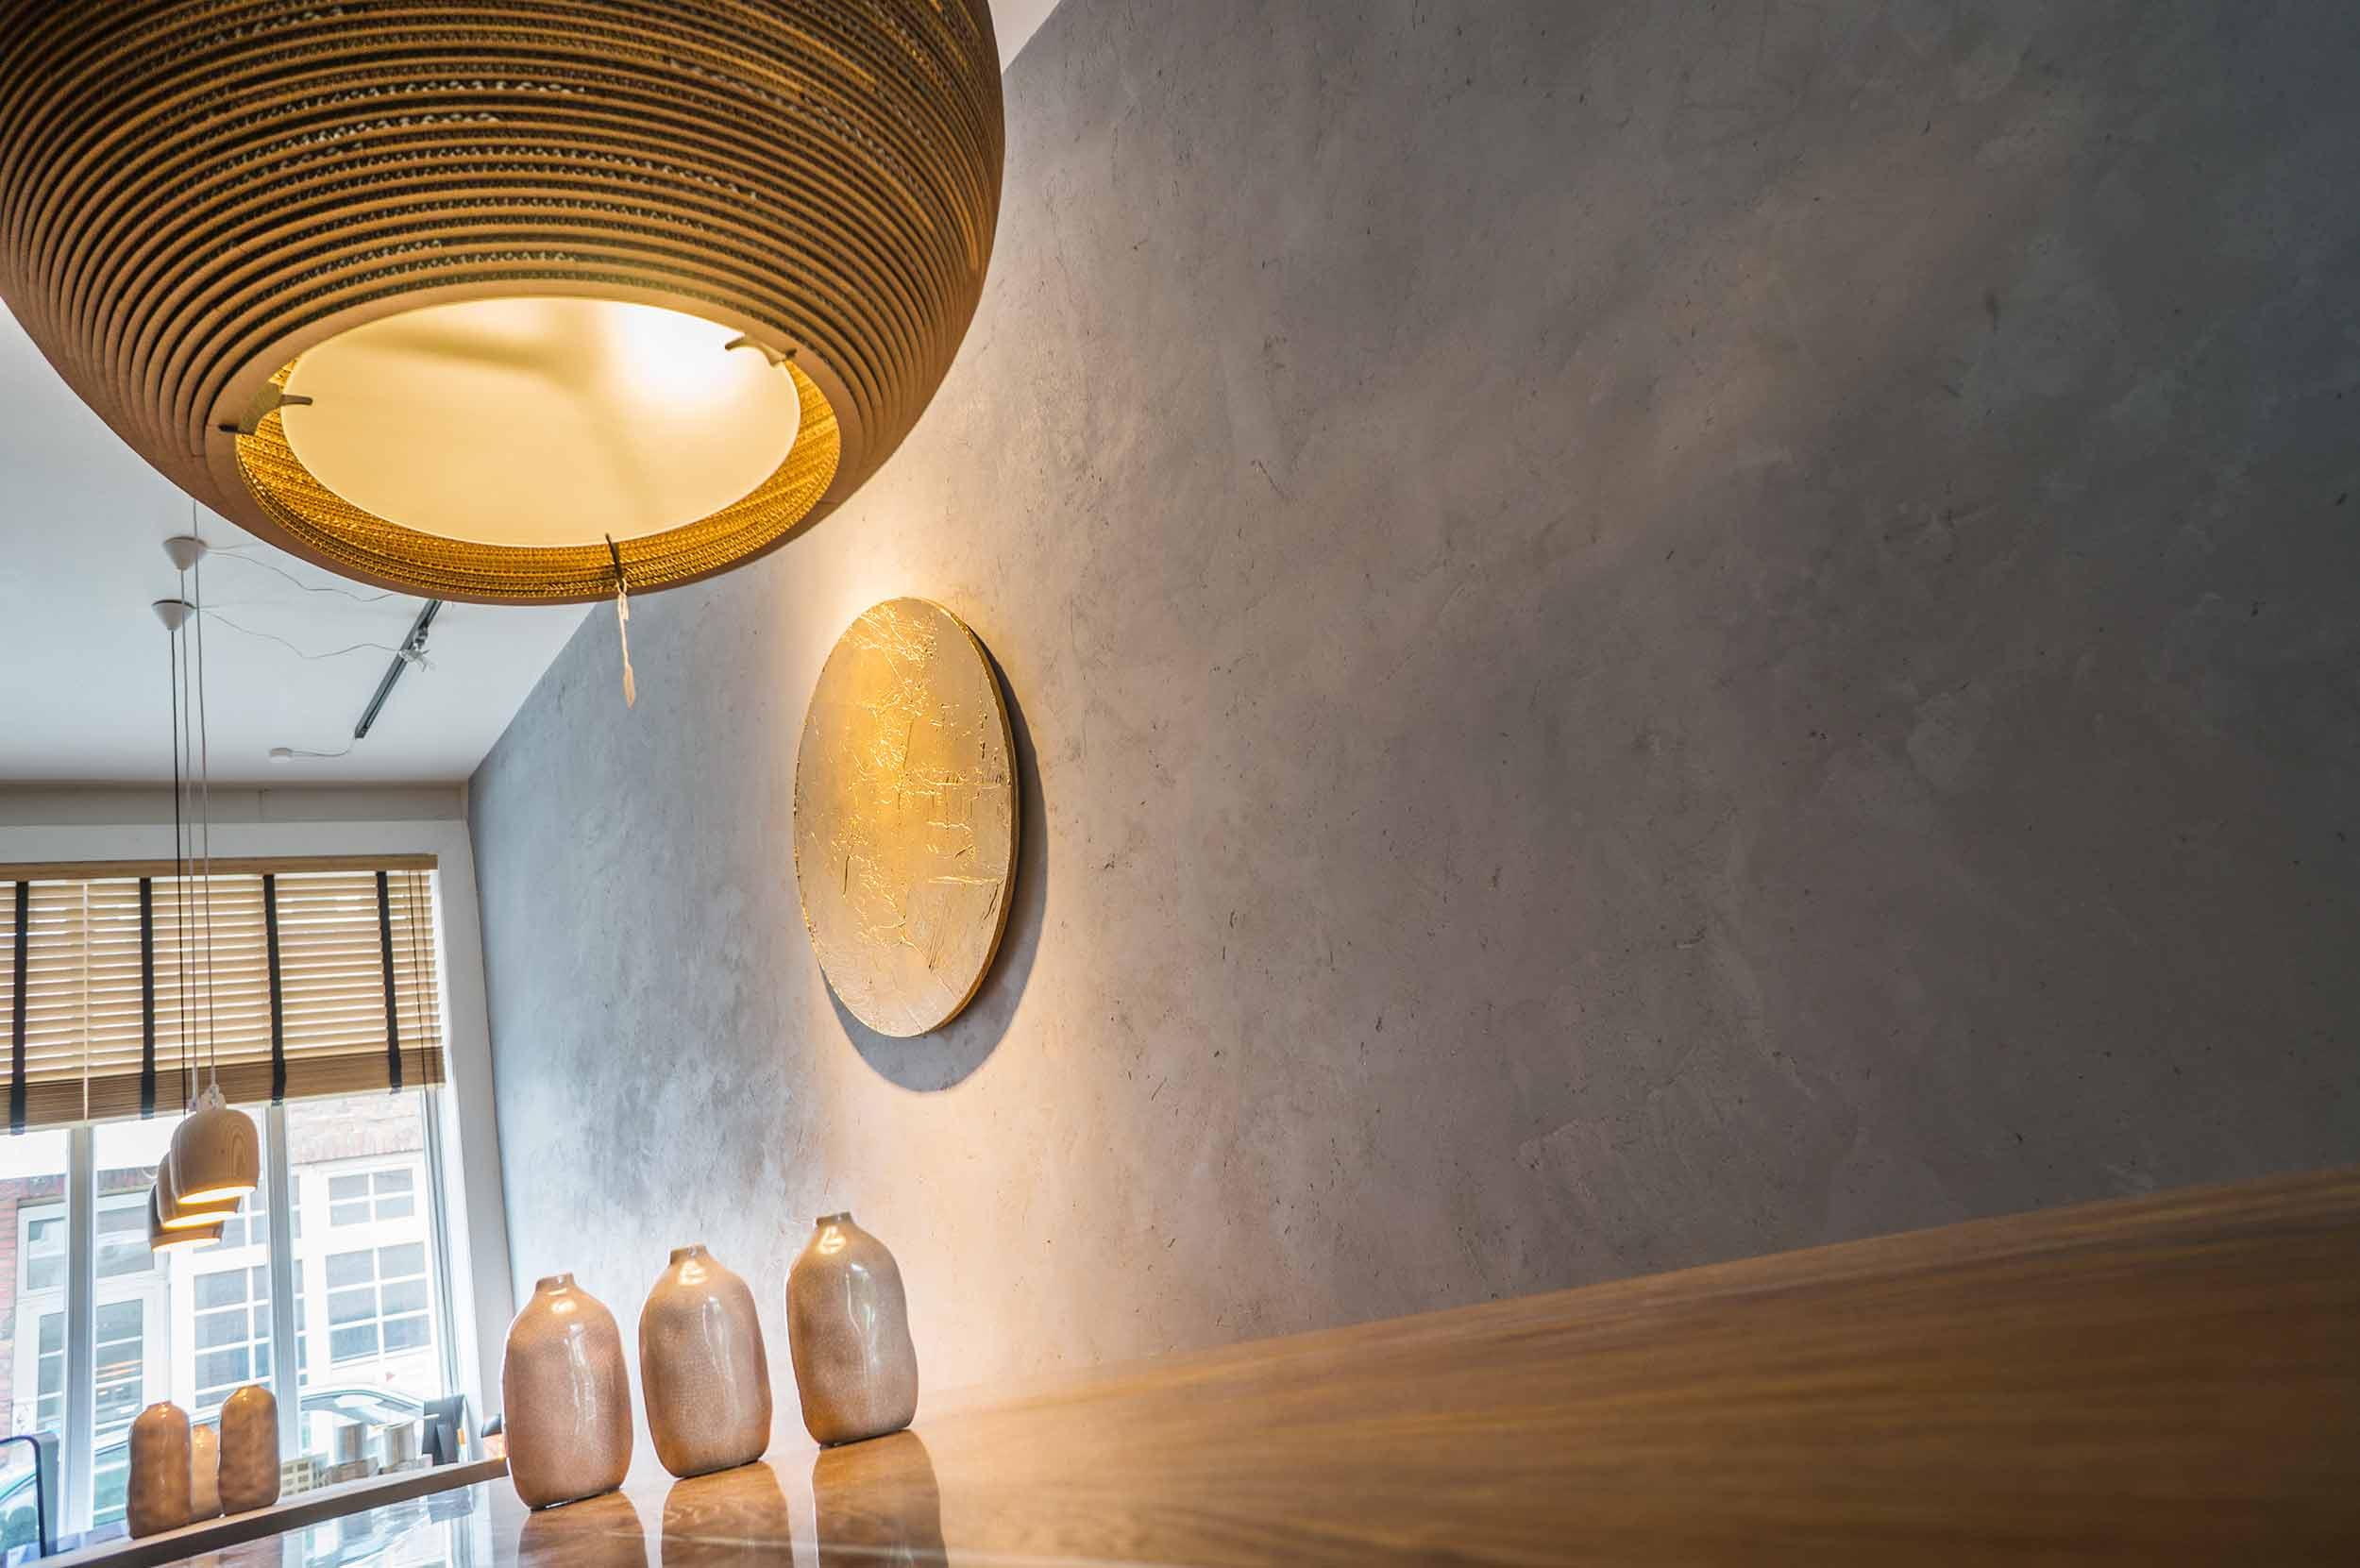 Lampen:  Vasen:  Tisch: Konstantin Manufaktur Kunstwerk / Objekt: FRNCL aka Nico Francioli;  Round One / Fight;  concrete, acrylics, spraypaint on wooden panel; 100cm Durchmesser Wandgestaltung: PAPA Design Rollo: